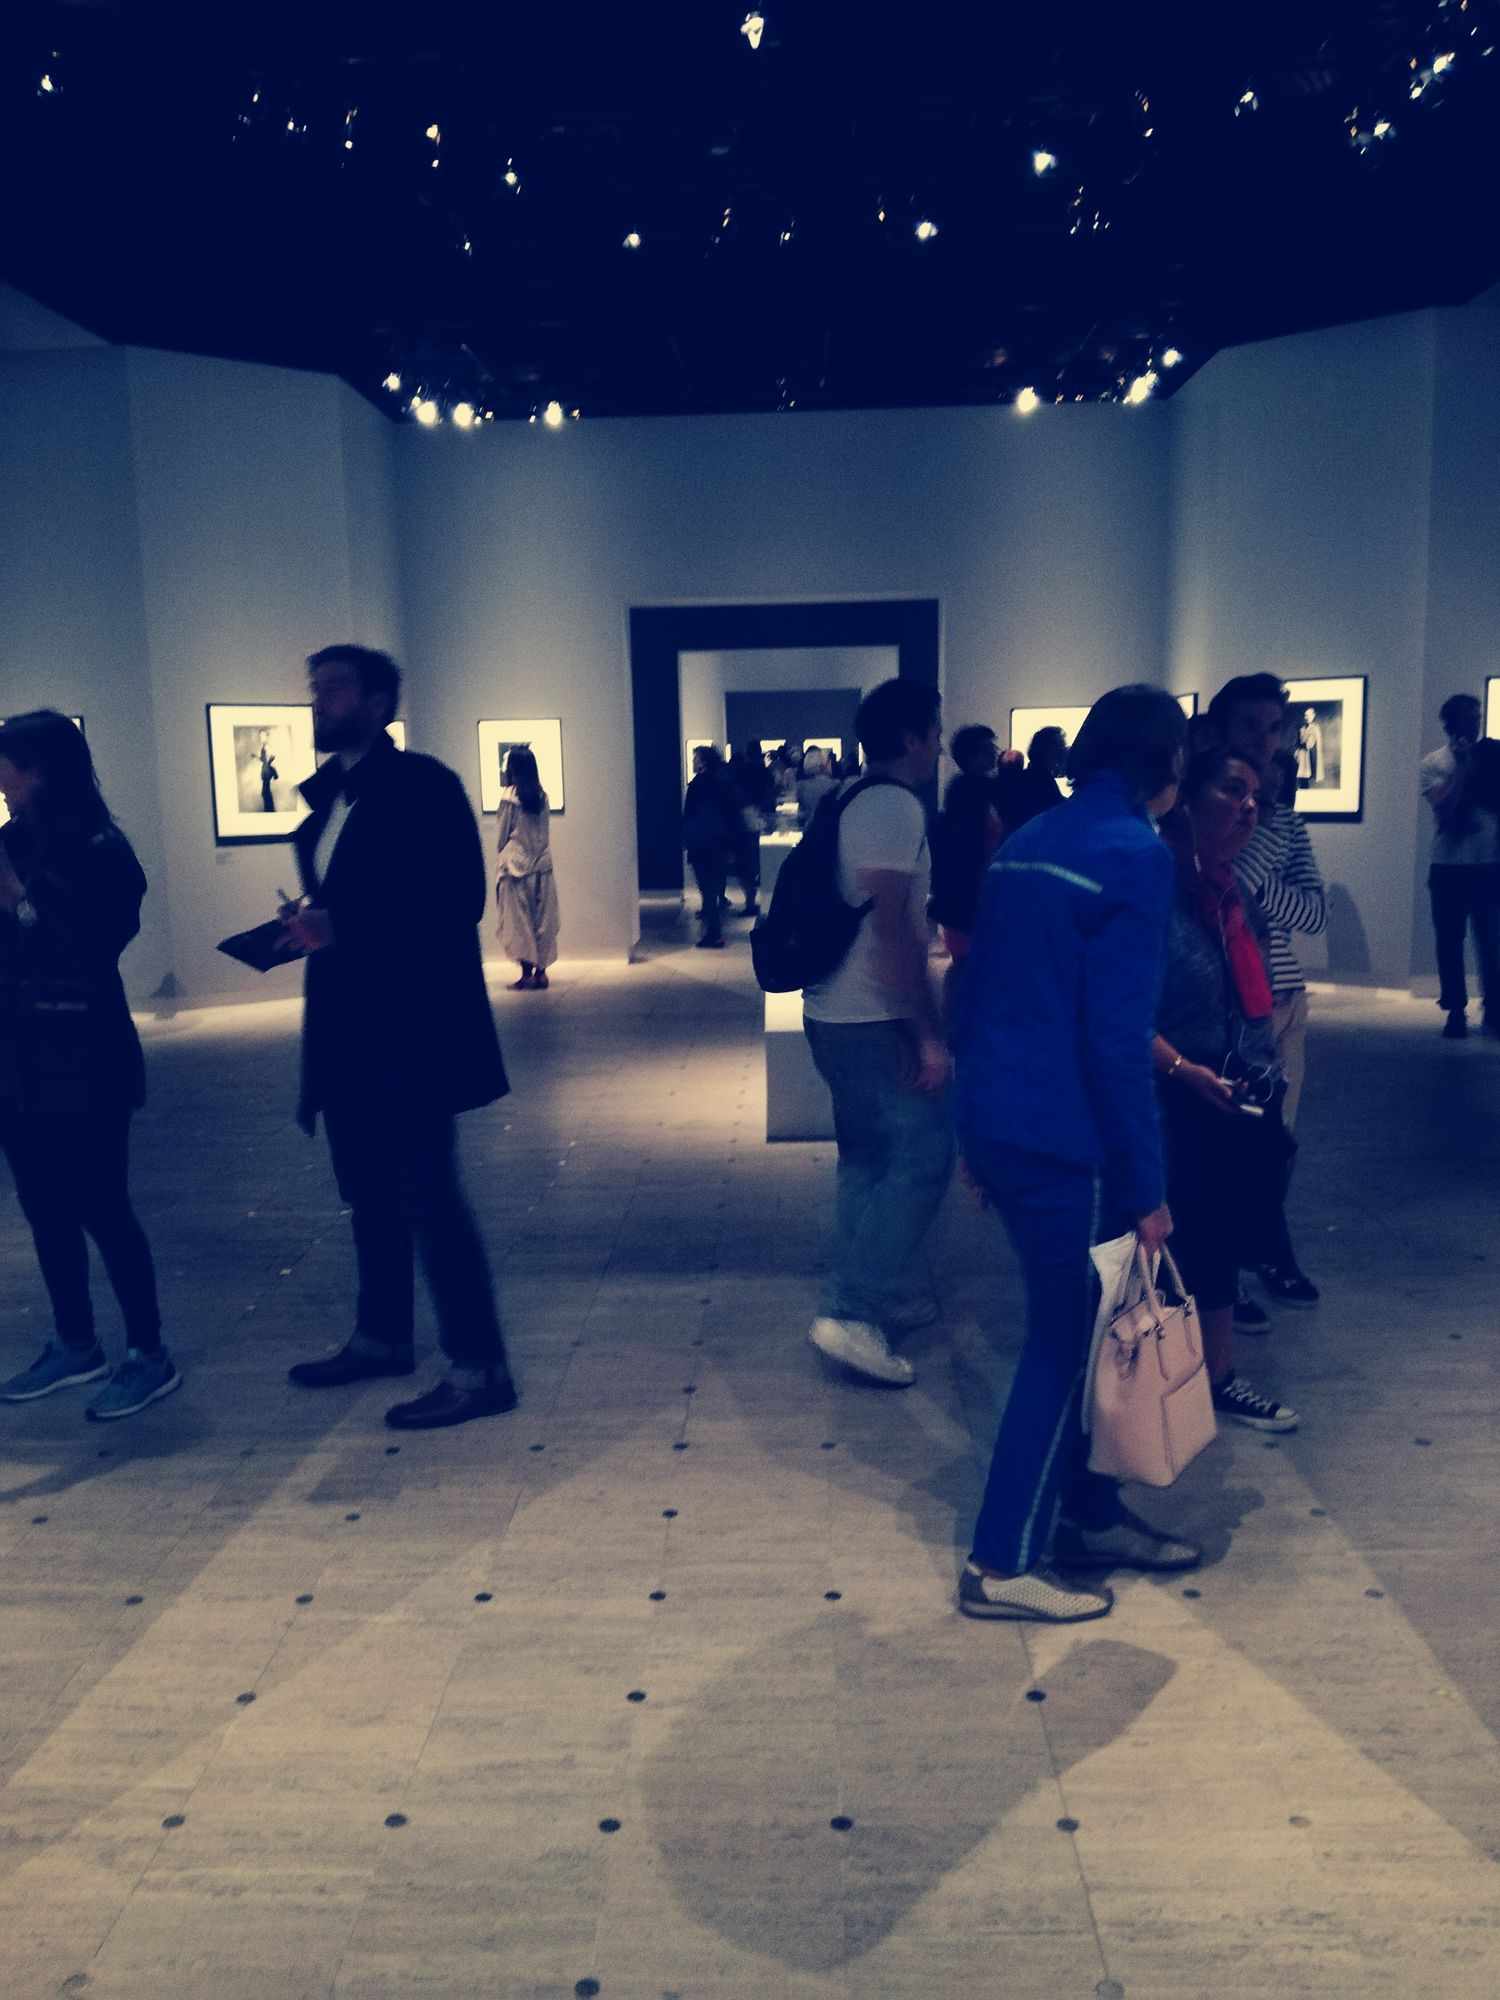 Irving Penn, Grand Palais, Galeries nationales, Paris, 21 Septembre 2017 - 29 Janvier 2018